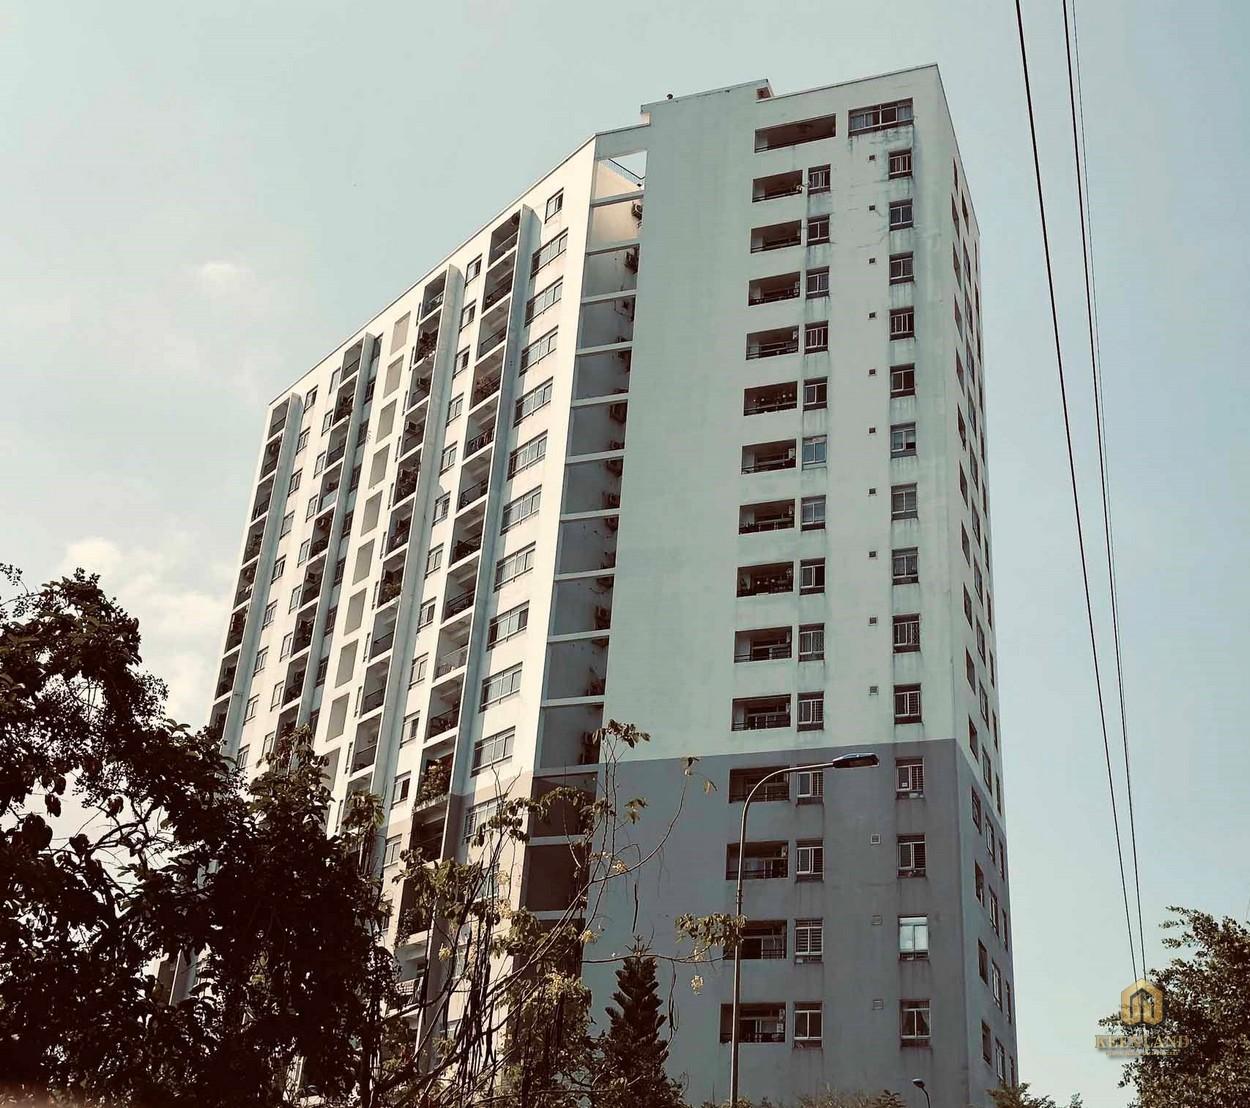 Hình ảnh thực tế mặt tiền dự án Ngọc Lan Apartment Quận 7